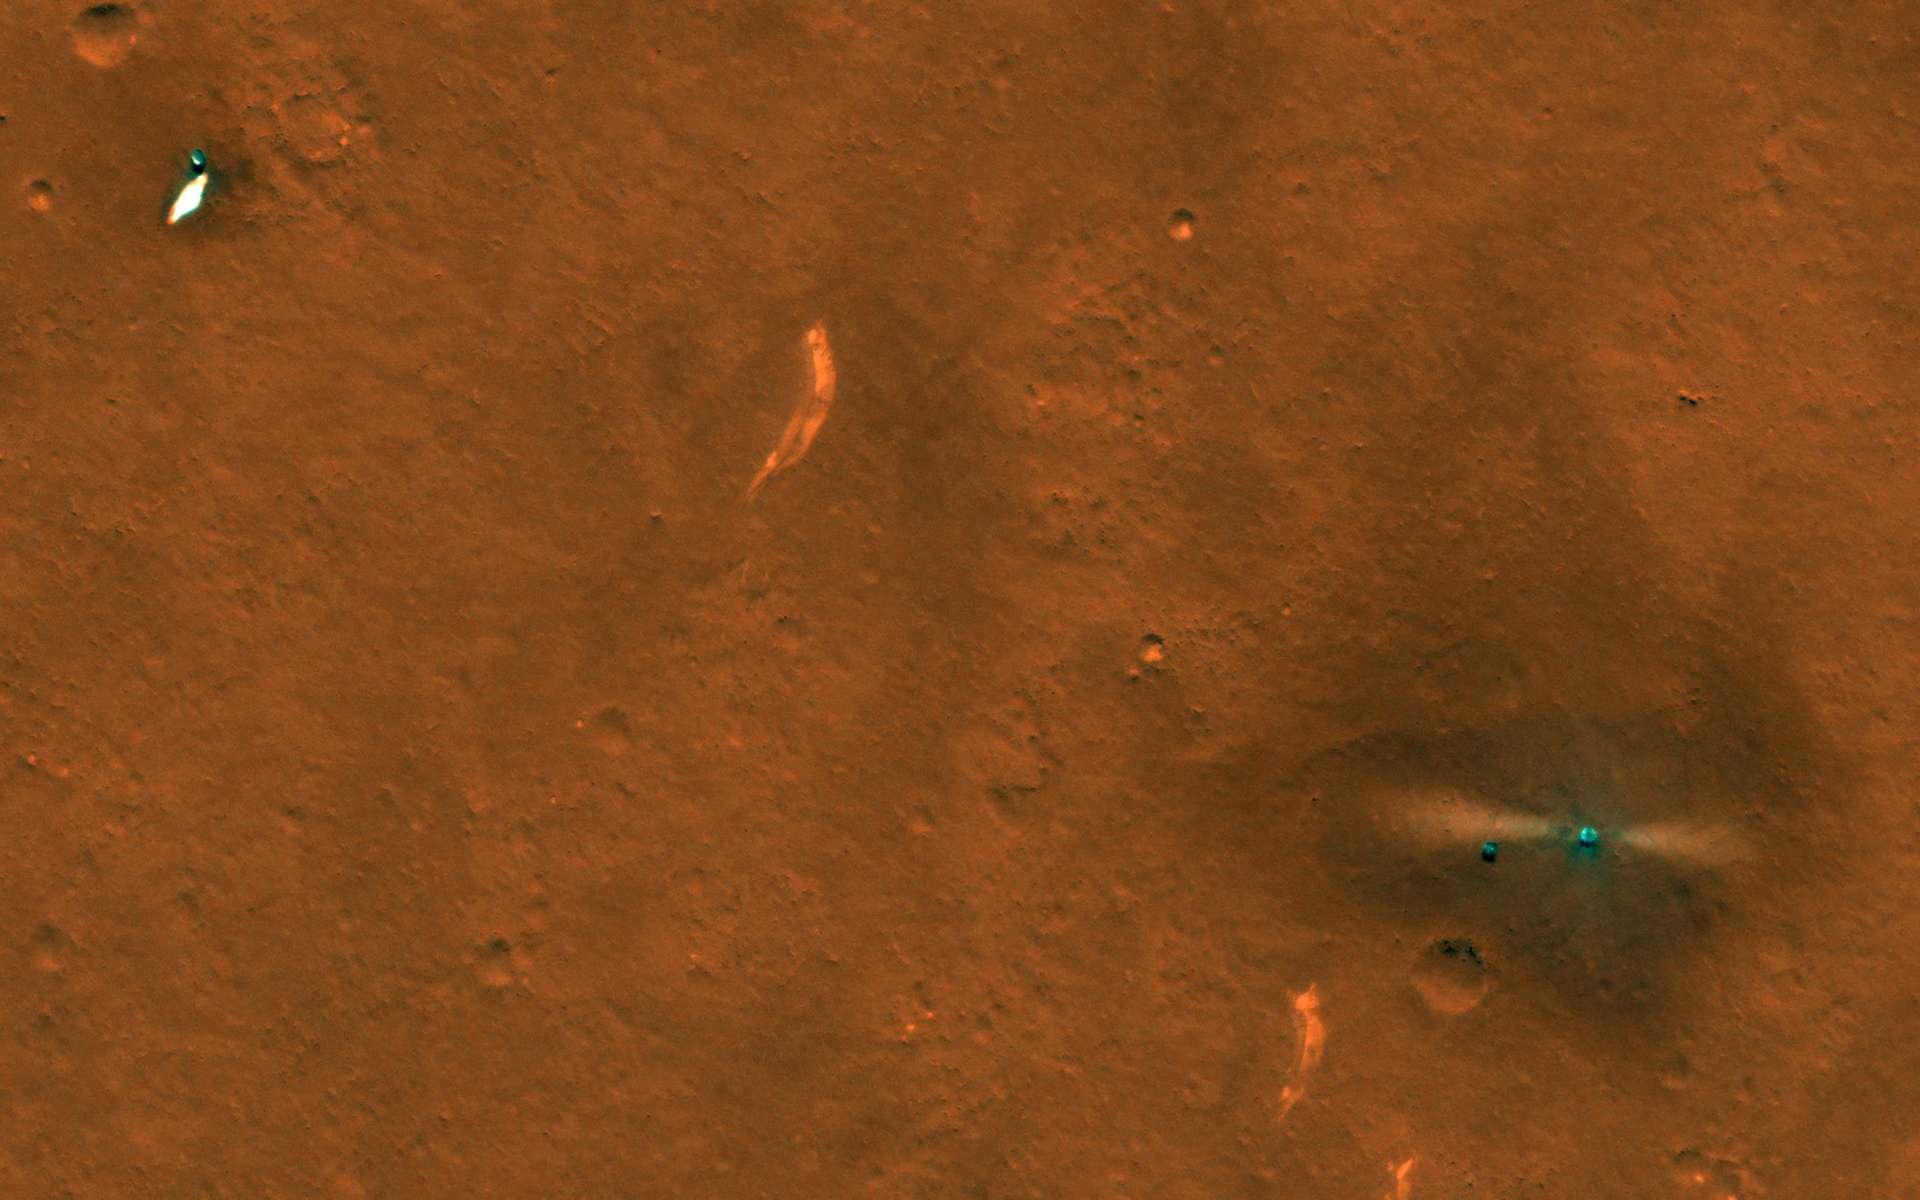 Les éléments de Zhurong avec, de gauche à droite, le bouclier, le parachute, le rover et la plateforme d'atterrissage. © Nasa / JPL / U. Arizona